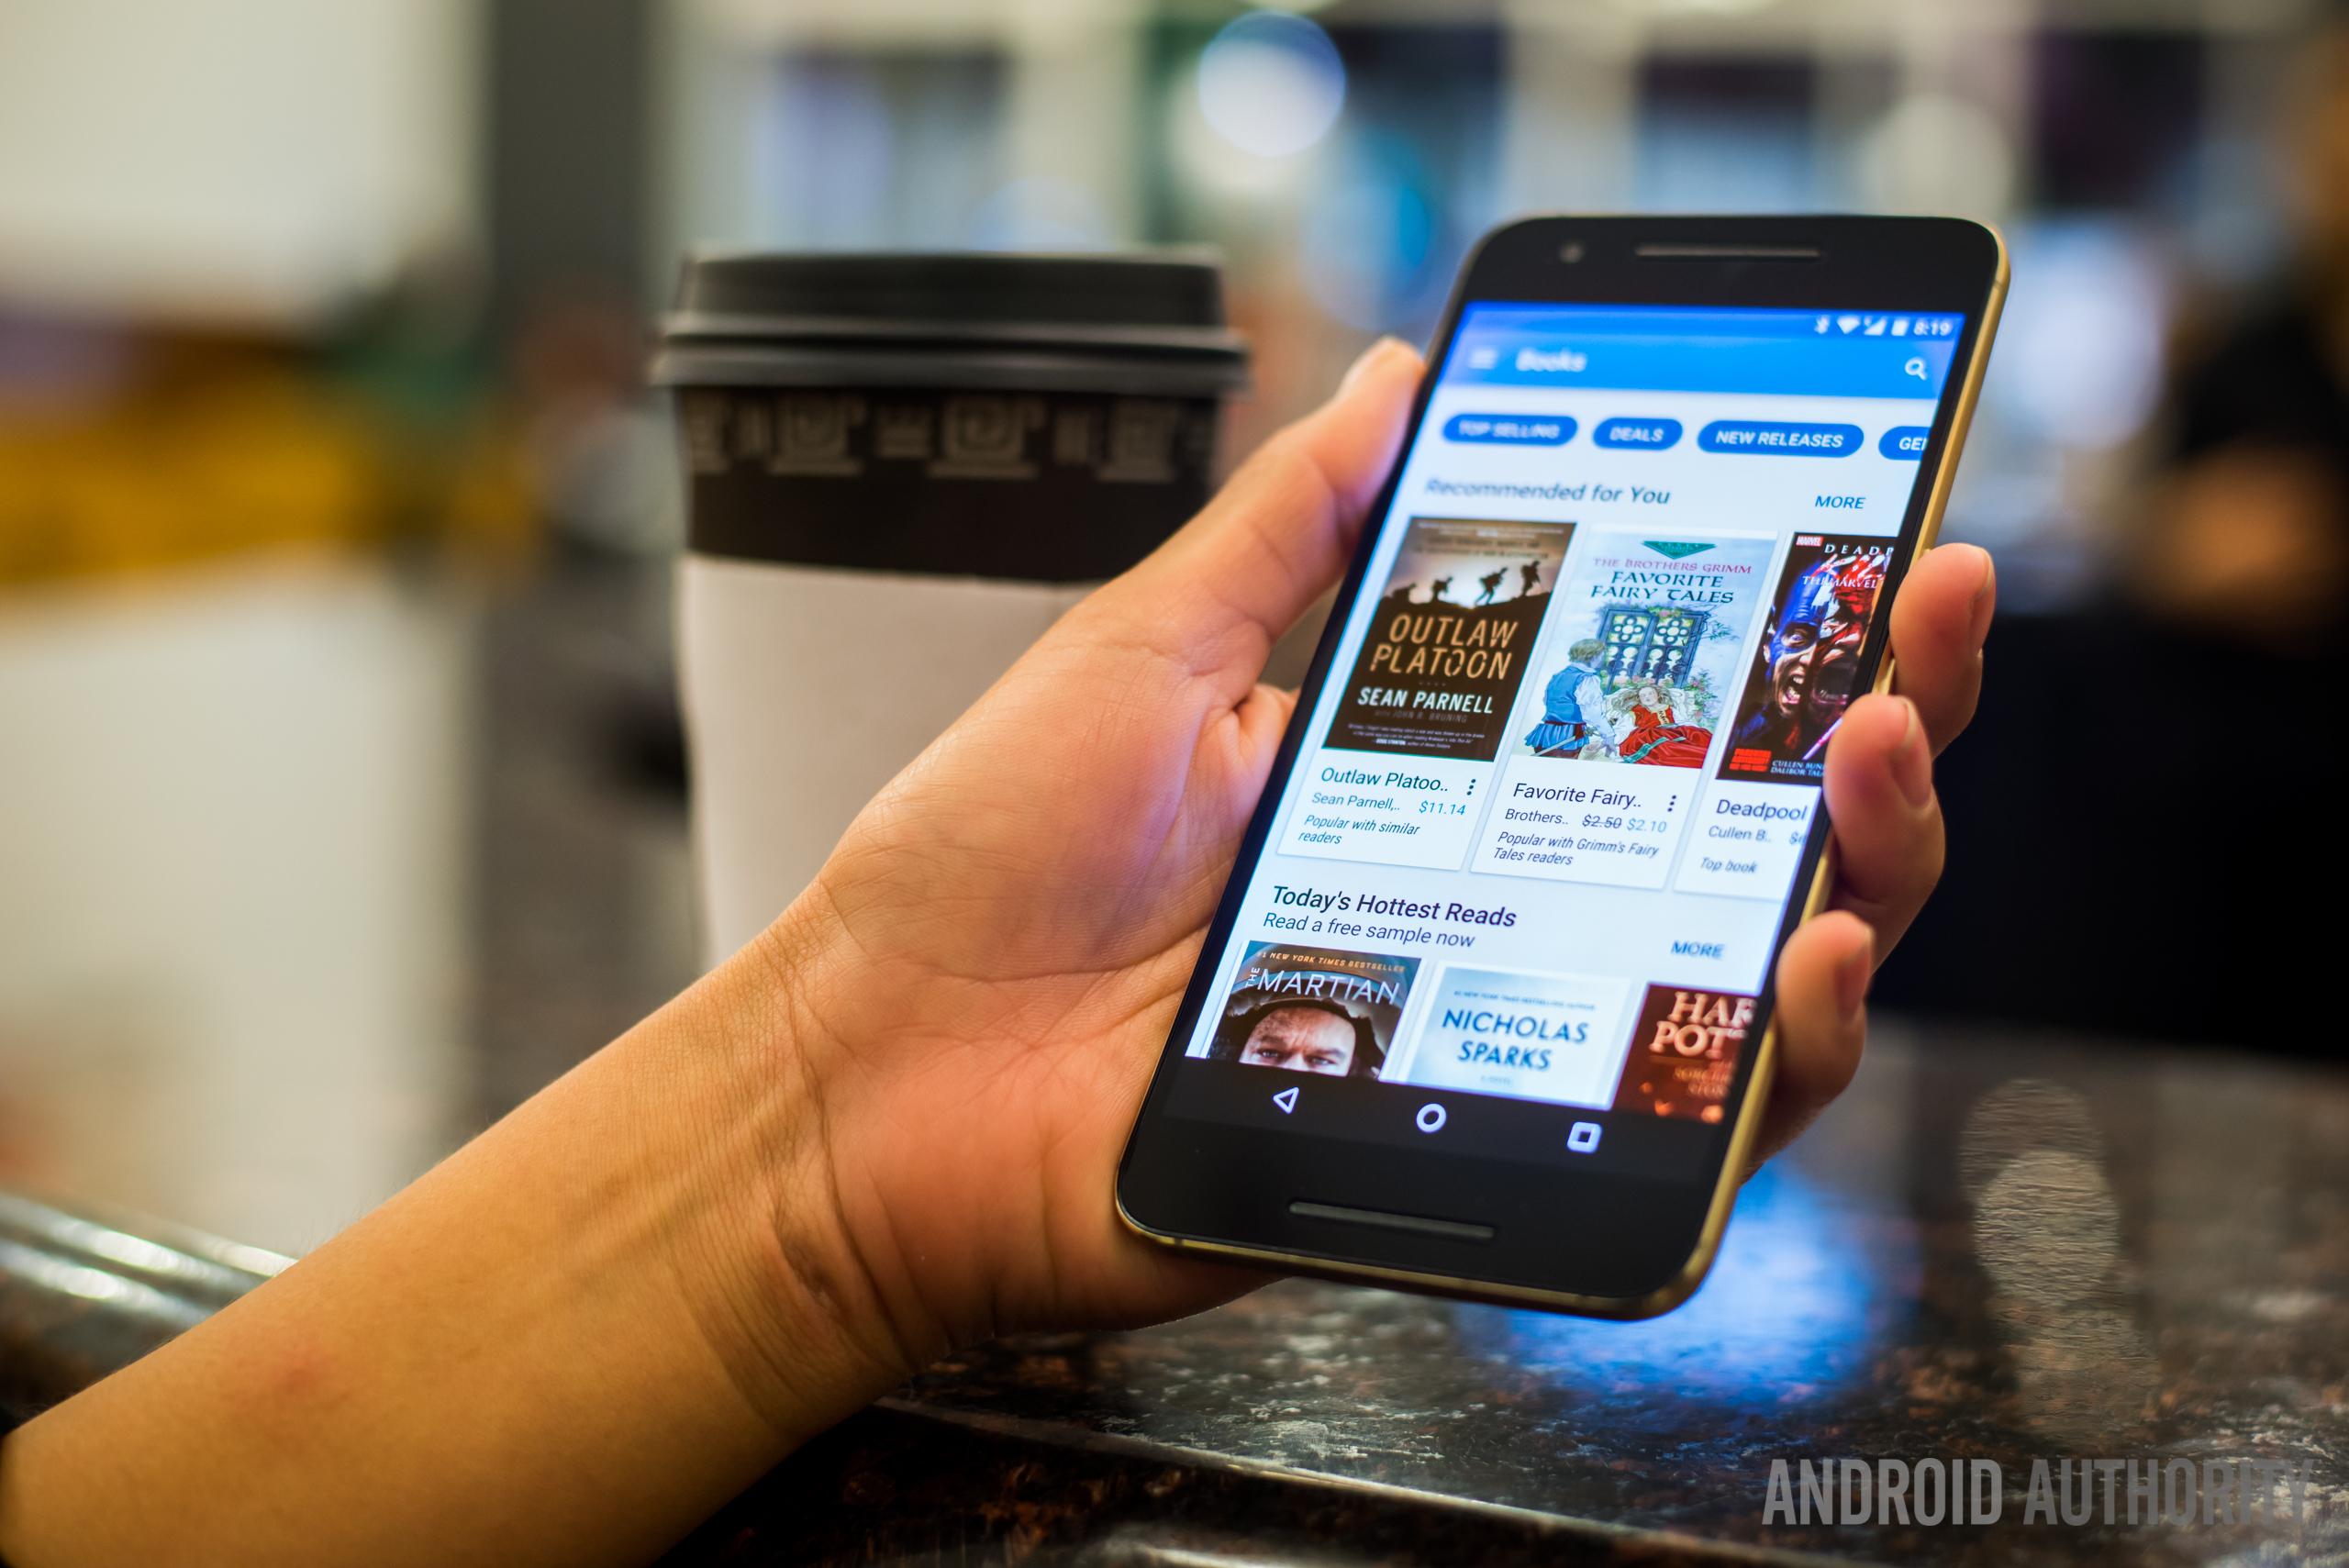 گوگل تصمیم به حذف شمار زیادی از اپلیکیشنهای موجود در پلی استور را دارد؟